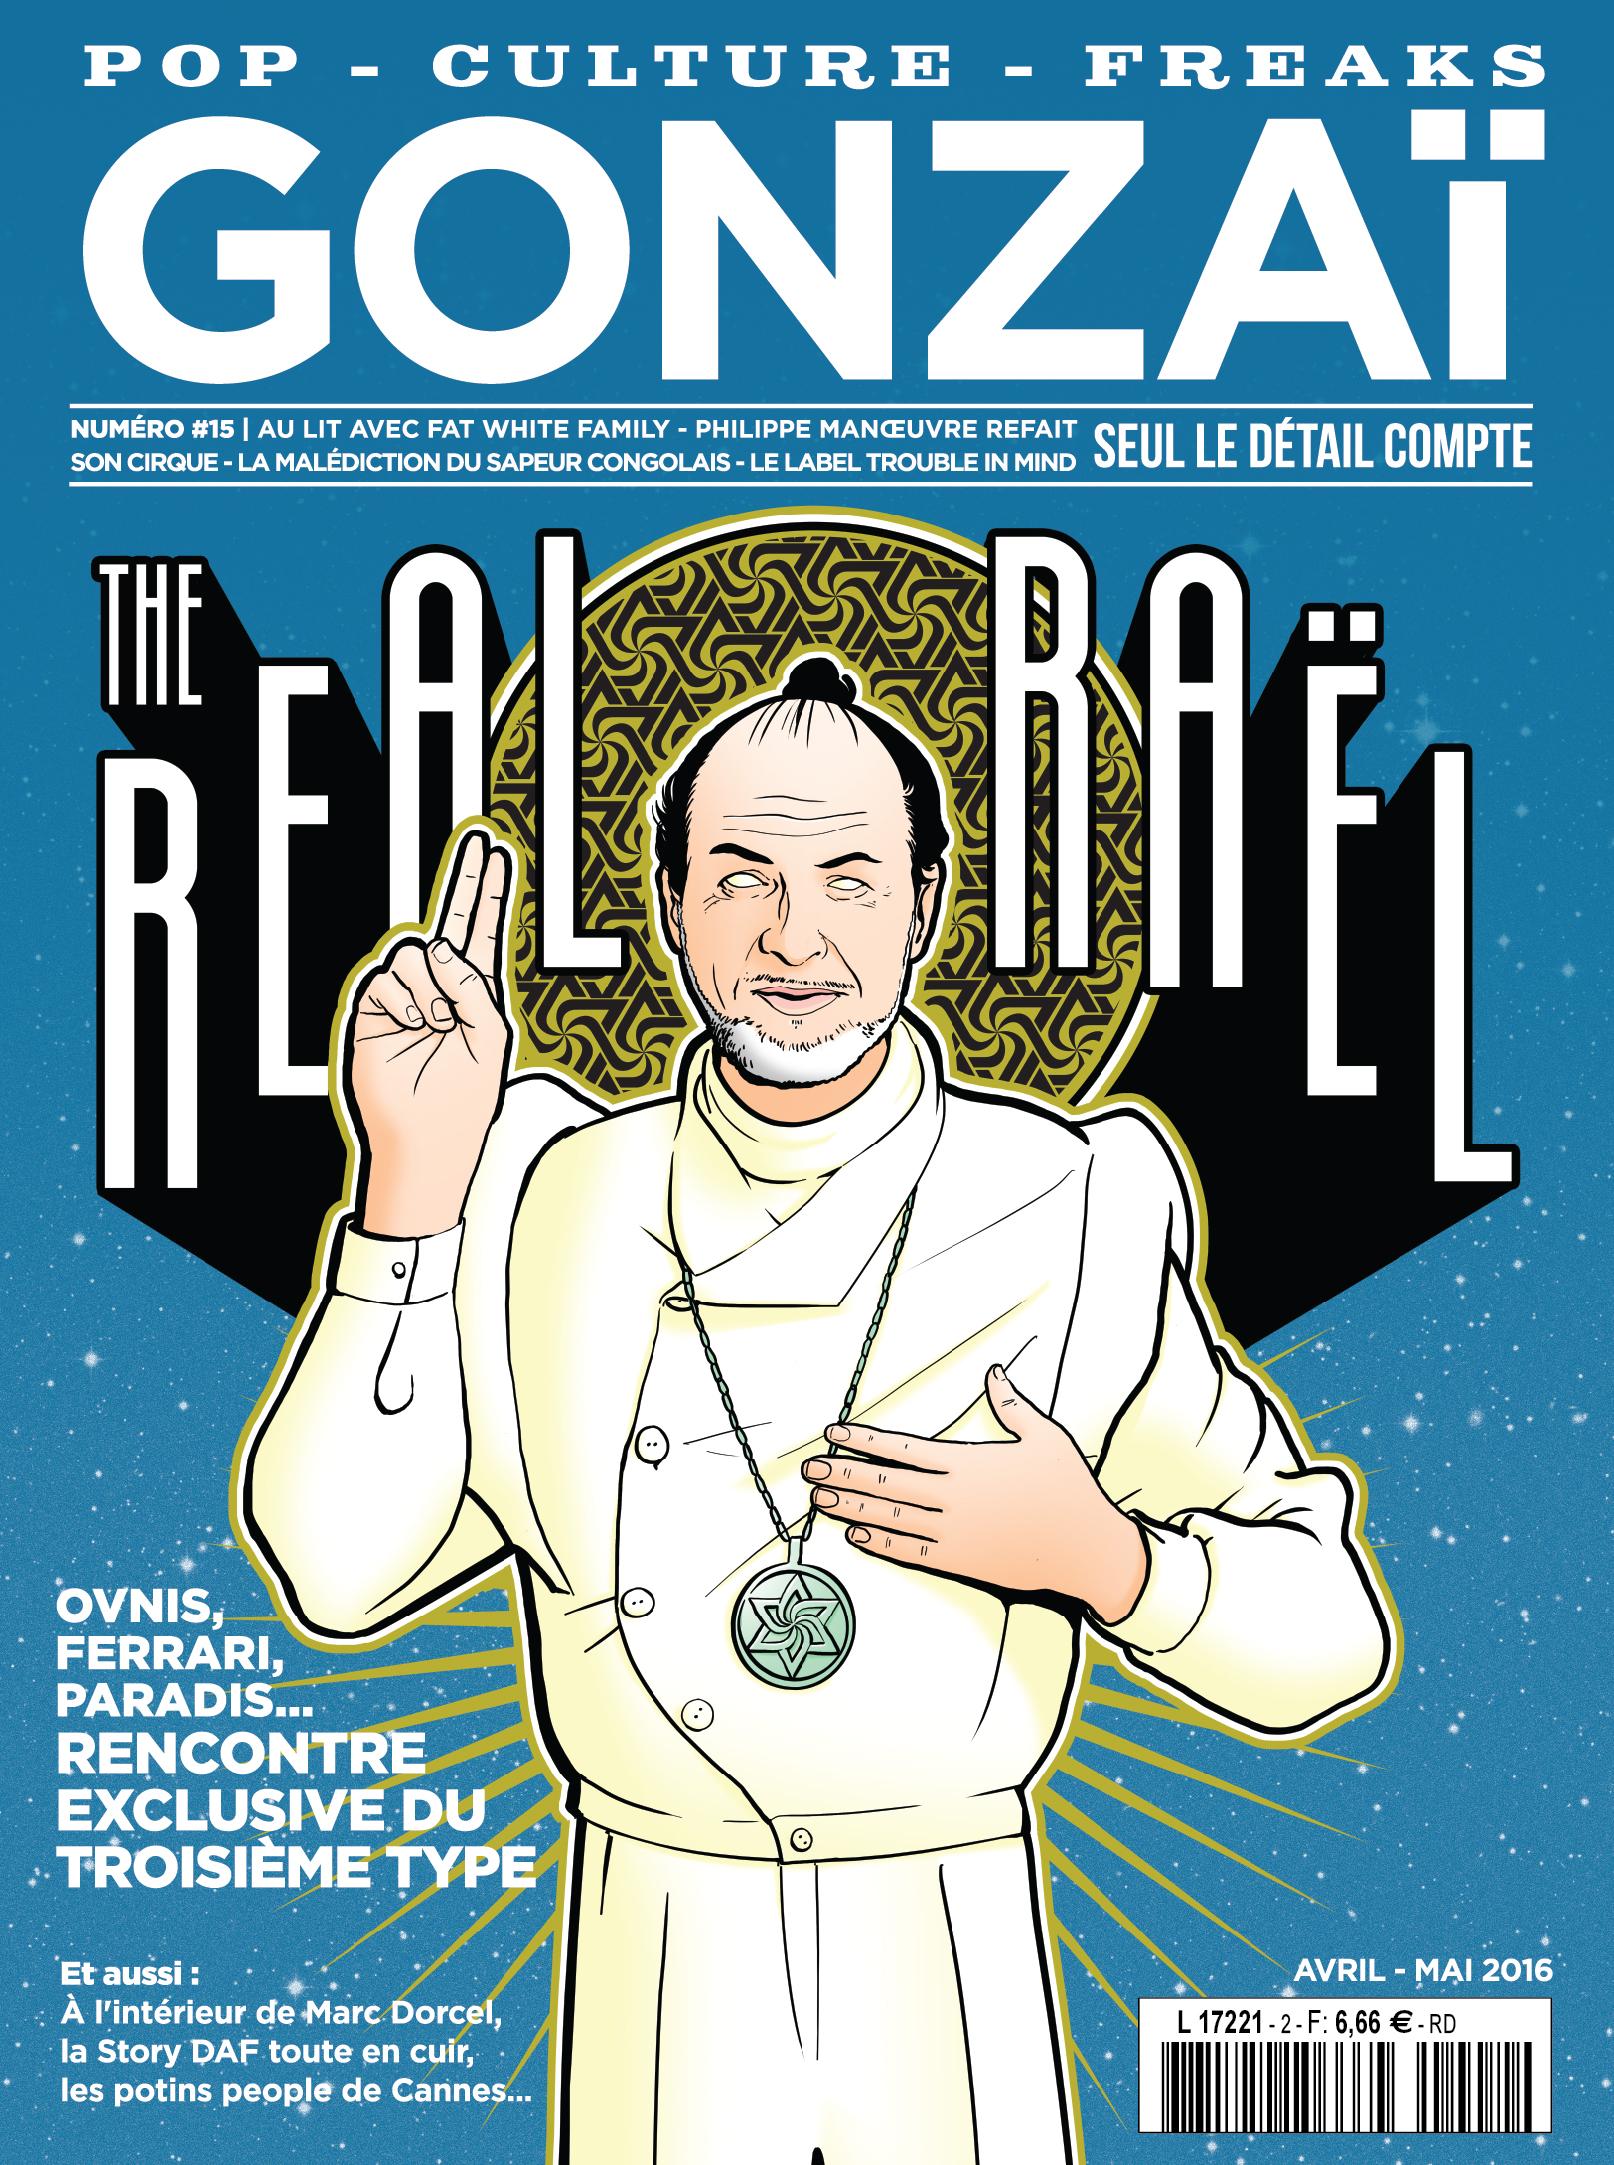 GONZAI RAEL web